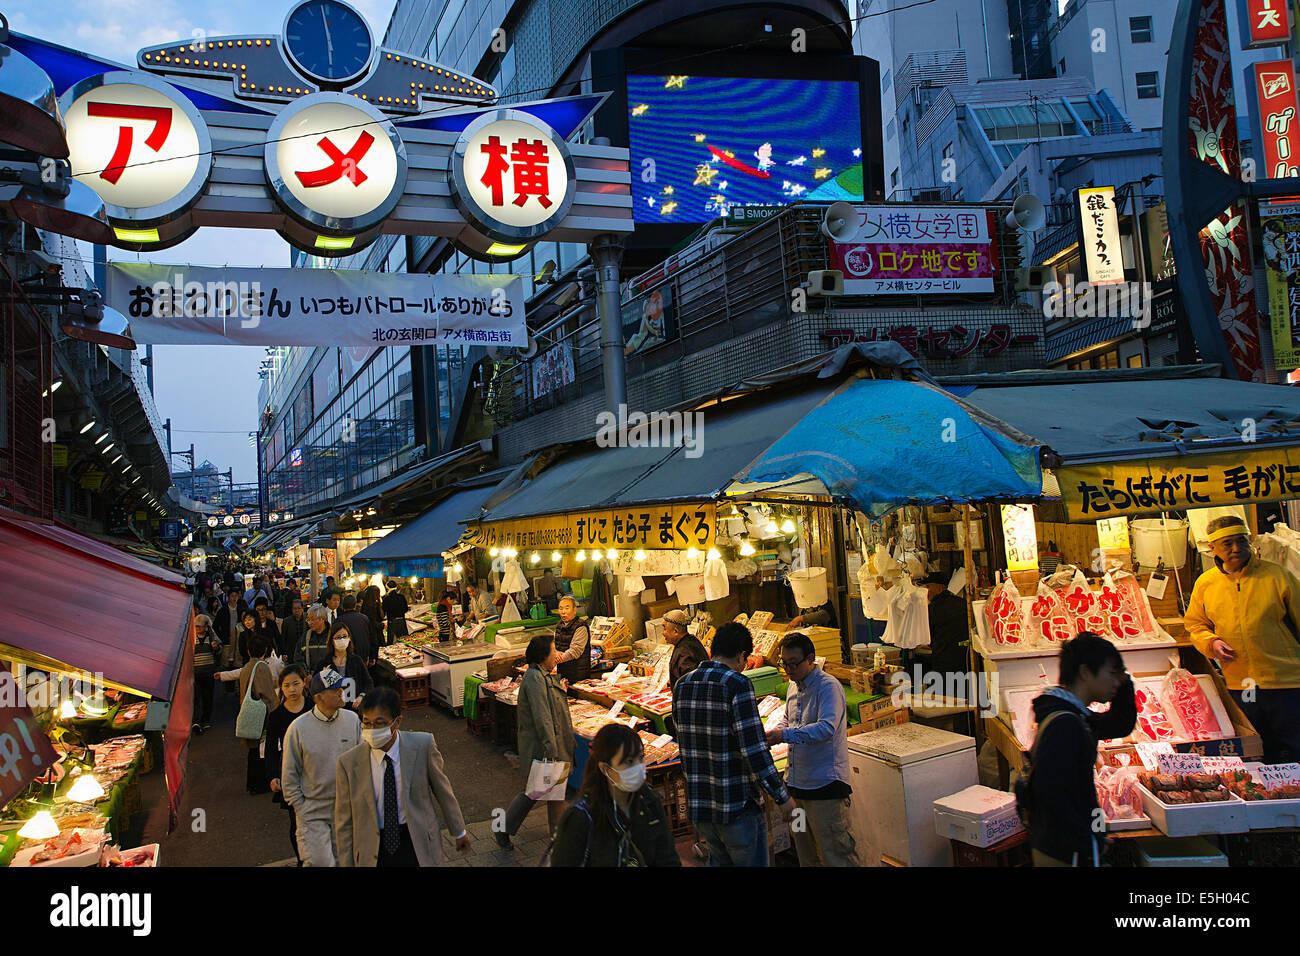 Ueno mercato okachimachi, Tokyo, Giappone. Immagini Stock